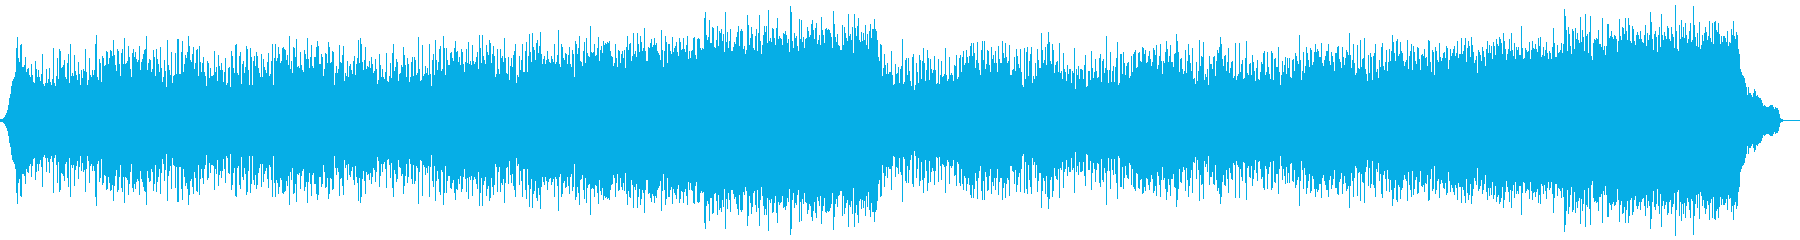 企業VP映像、110オーケストラ、壮大aの再生済みの波形